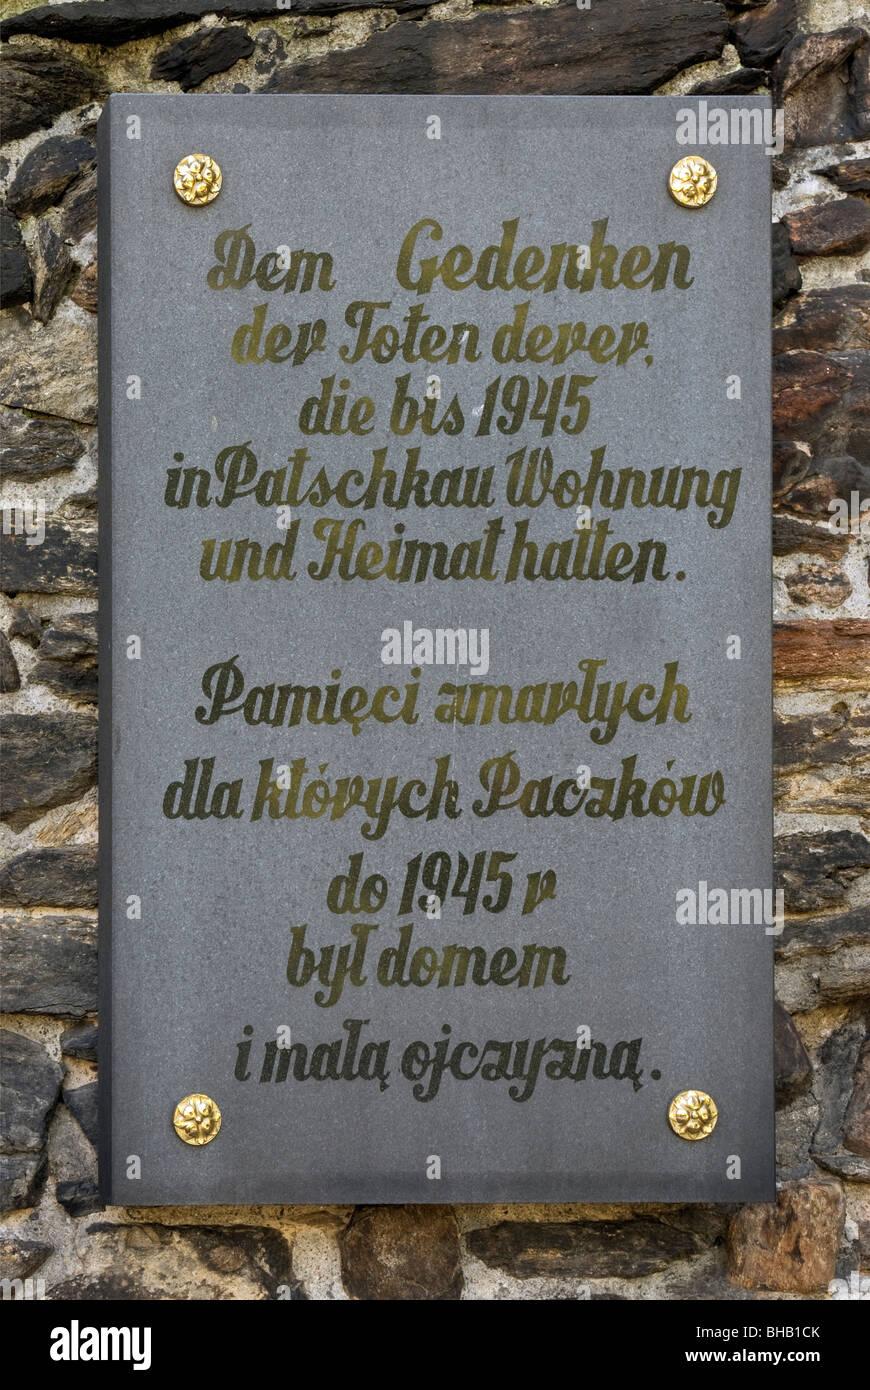 Placa conmemorativa de la población alemana expulsados después de WW2 en la Iglesia de San Juan Evangelista, Opolskie Paczków, Polonia Foto de stock